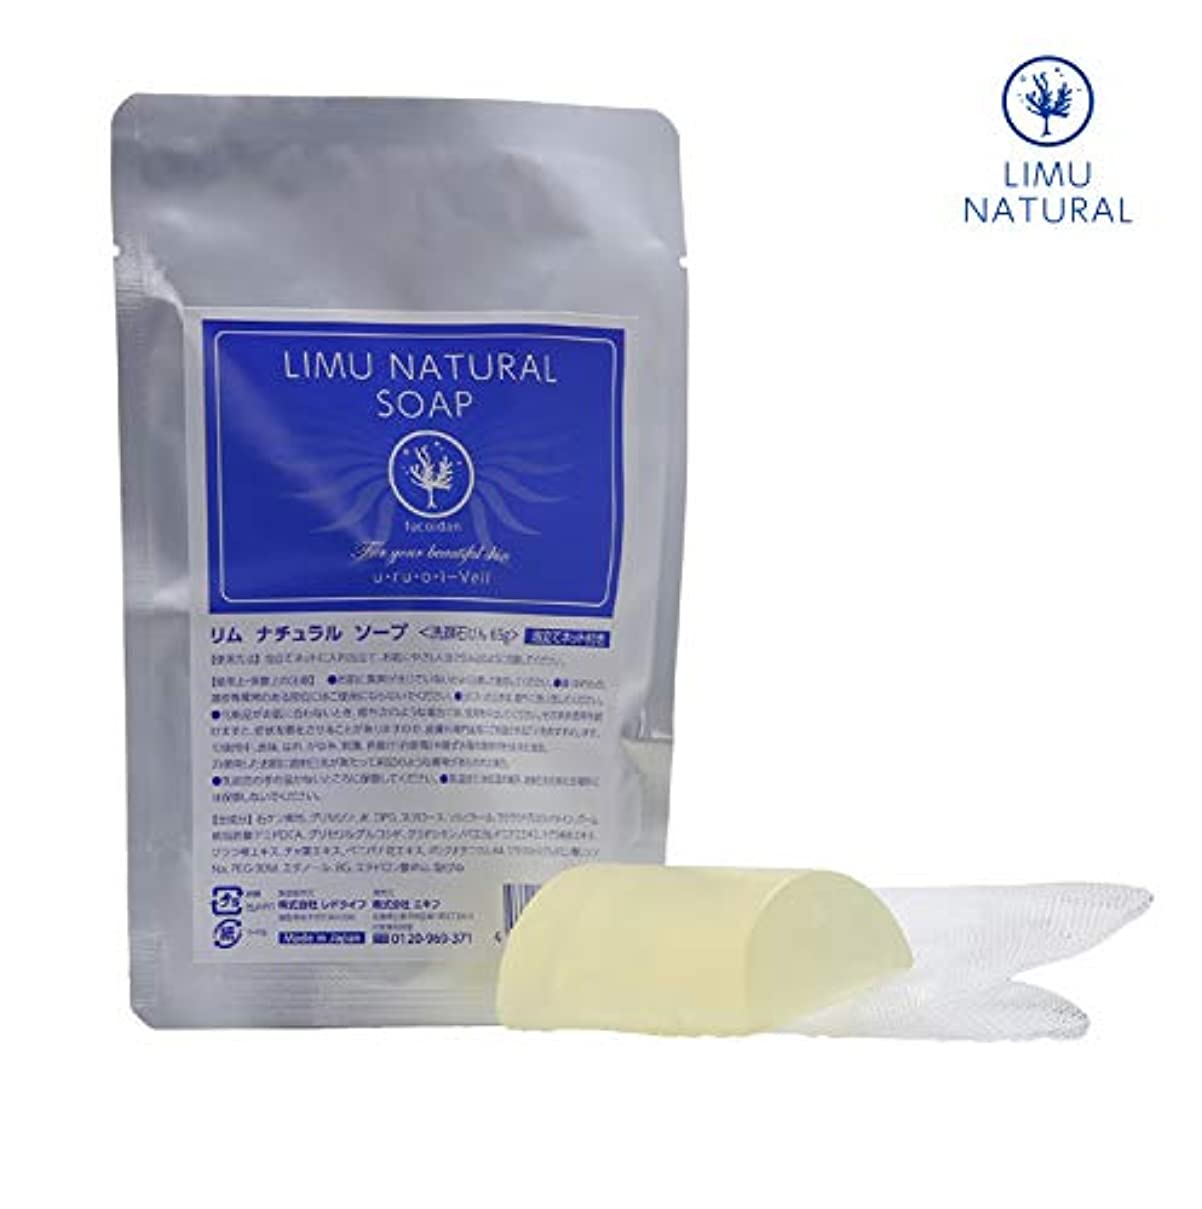 金銭的な肝孤独なリムナチュラルソープ LIMU NATURAL SOAP ヌルあわ洗顔石けん 泡だてネット付き「美白&保湿」「フコイダン」+「グリセリルグルコシド」天然植物成分を贅沢に配合 W効果 日本製